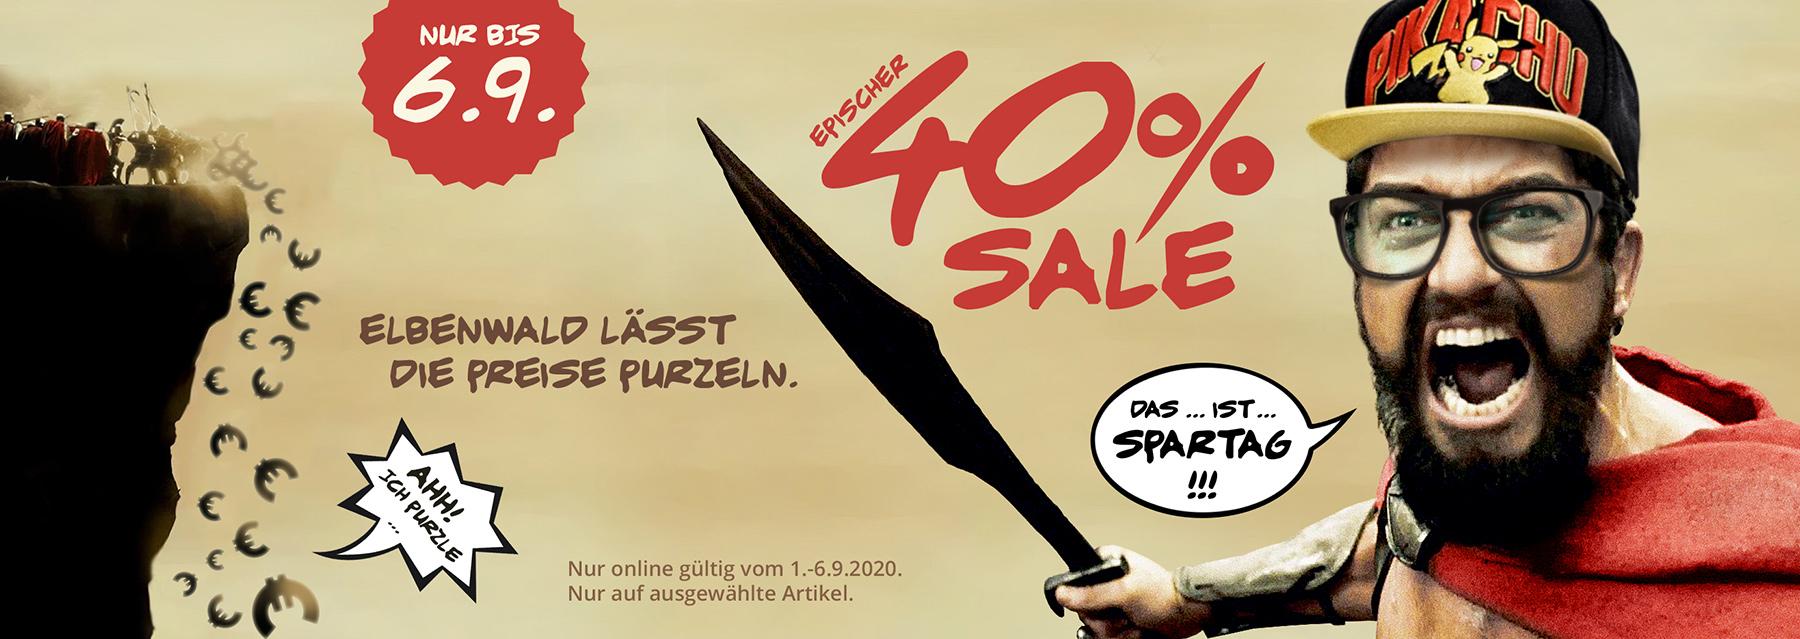 40% Sale - Das ist Spartag